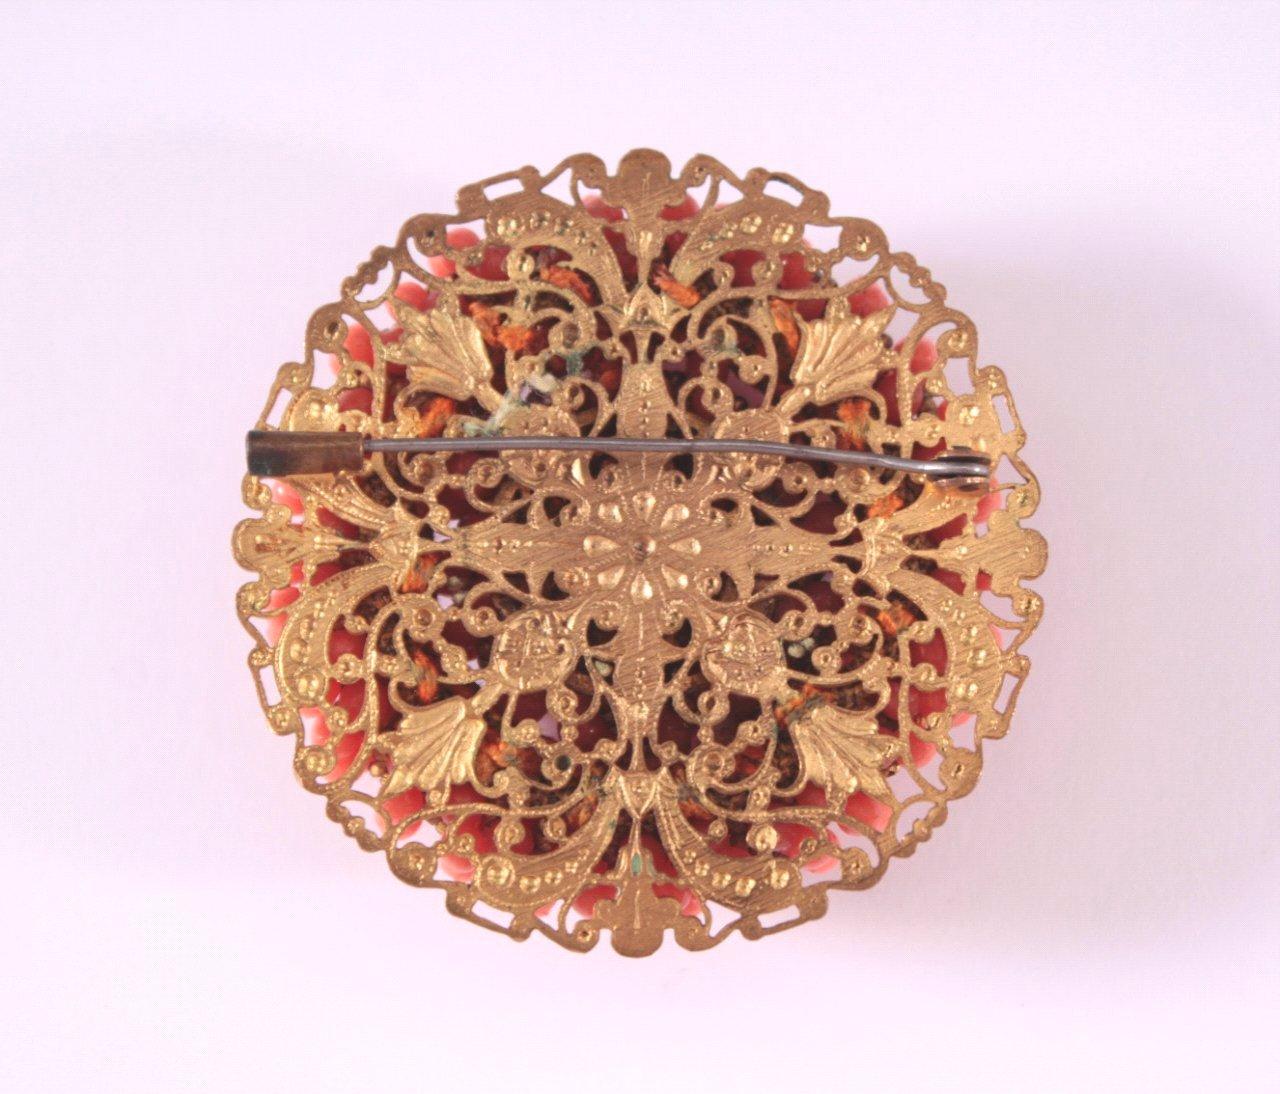 Brosche mit roter Koralle um 1900-1